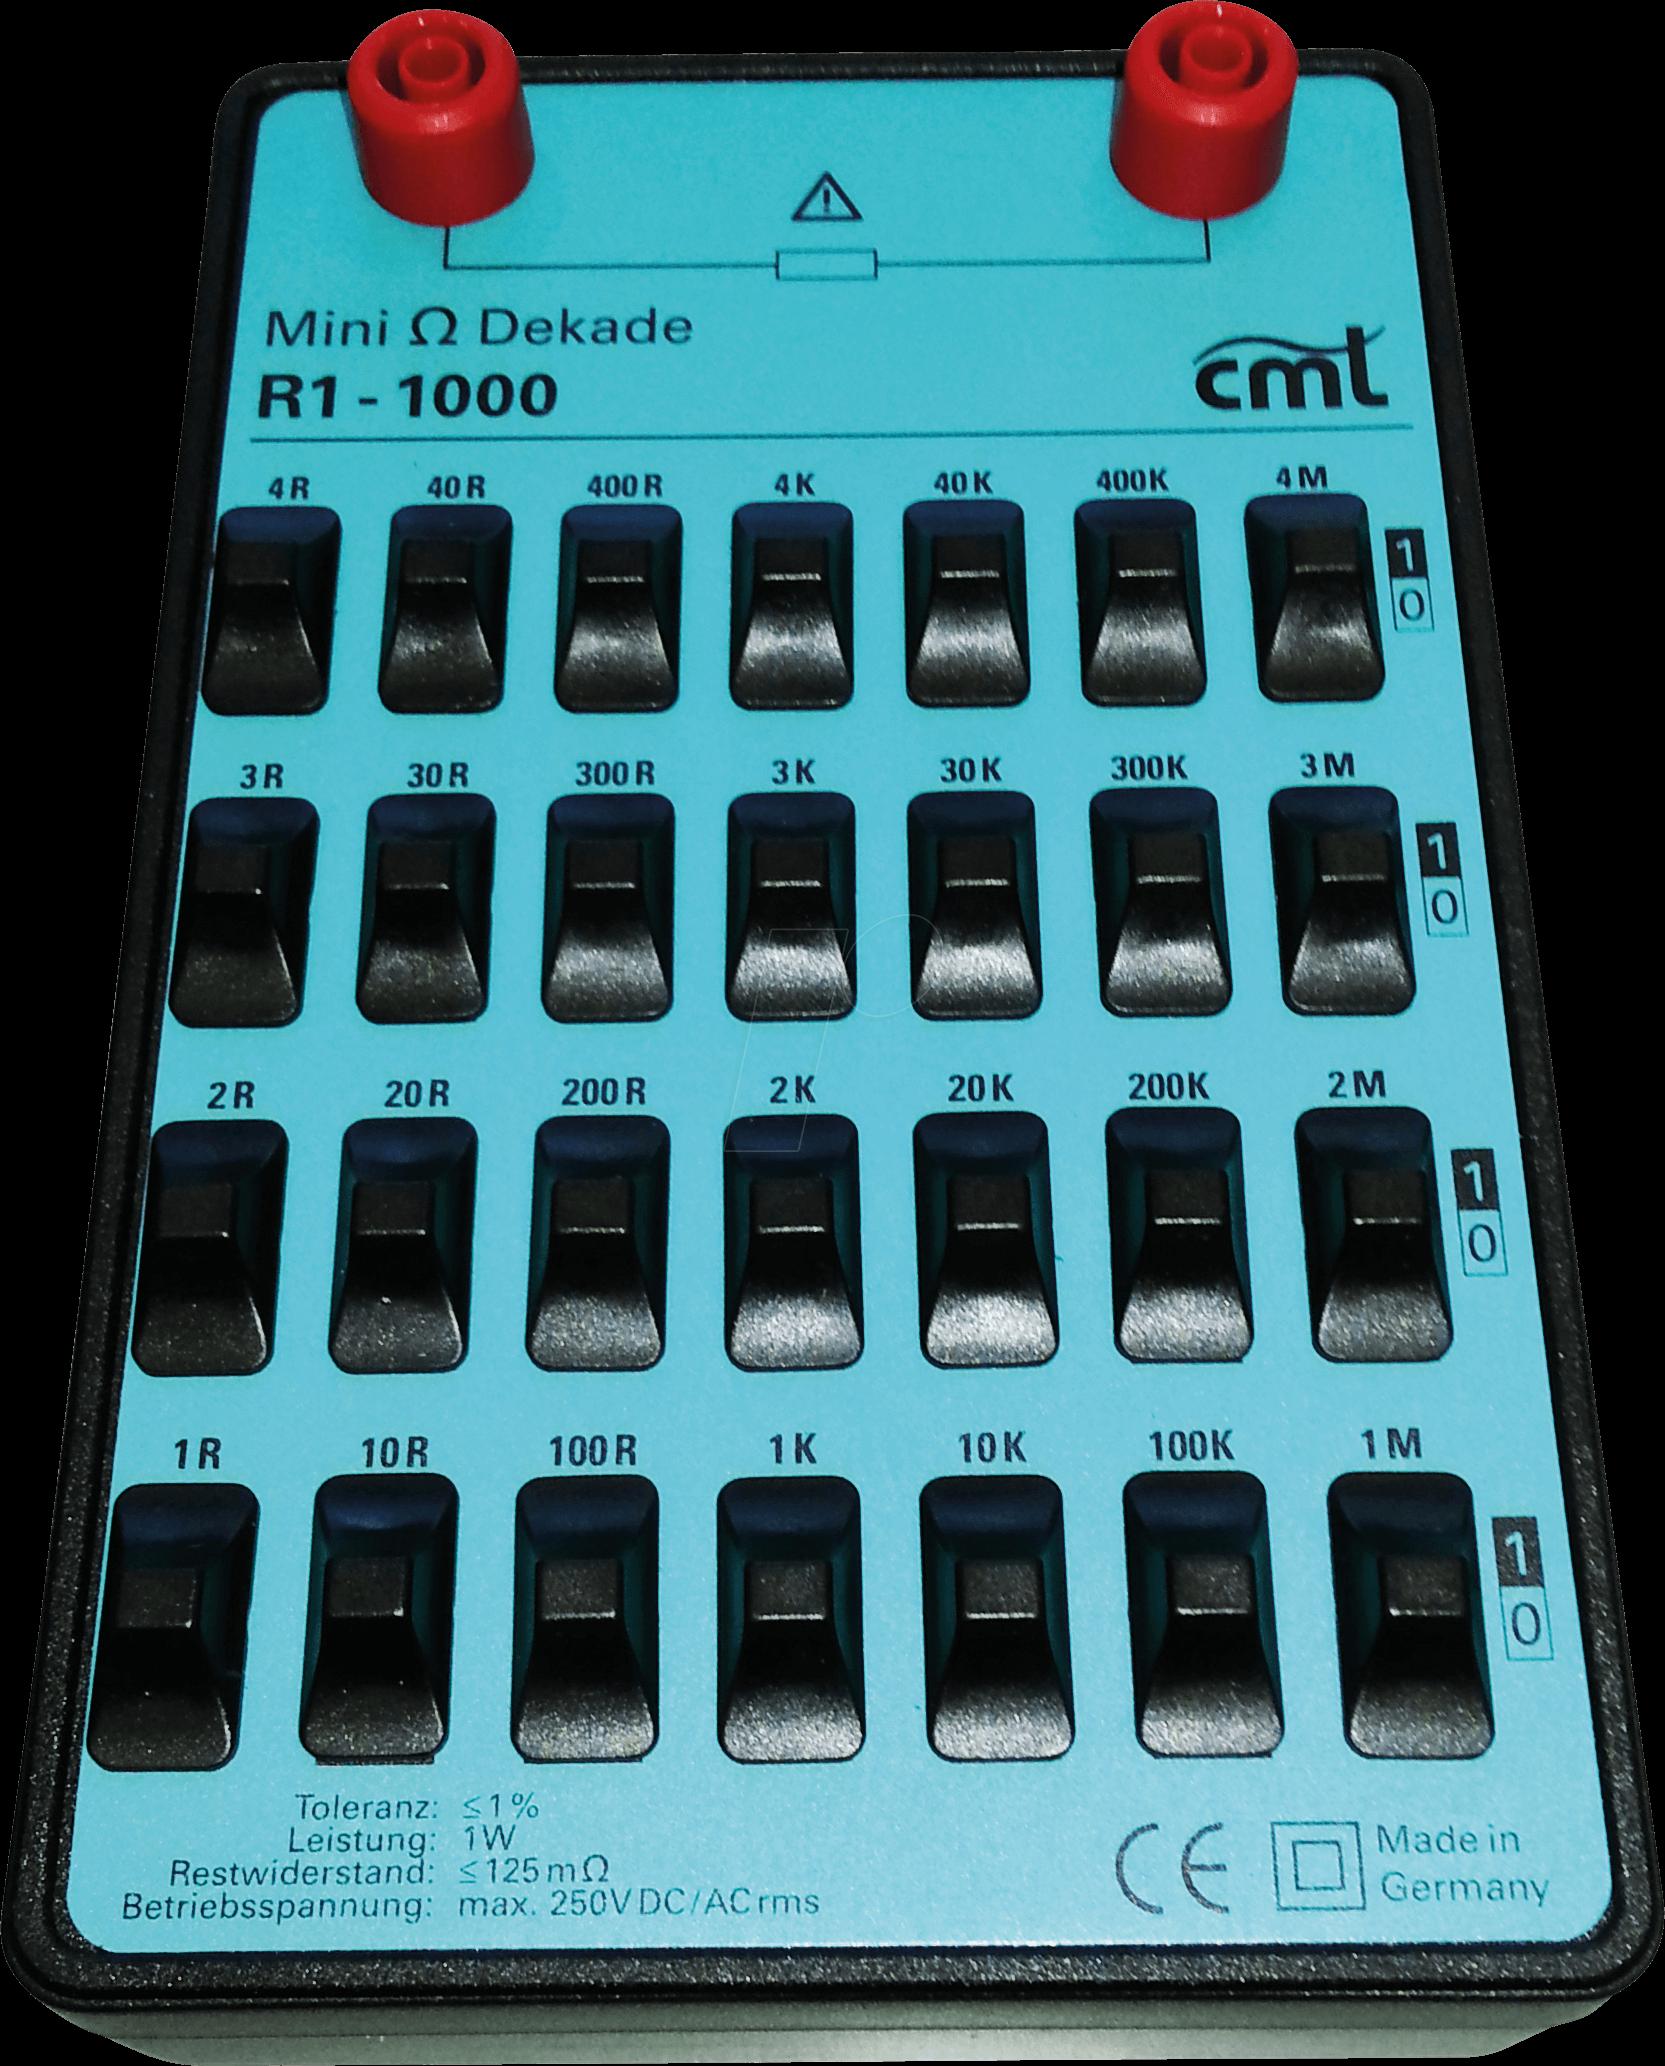 https://cdn-reichelt.de/bilder/web/xxl_ws/D100/CMT_R1-1000_01.png